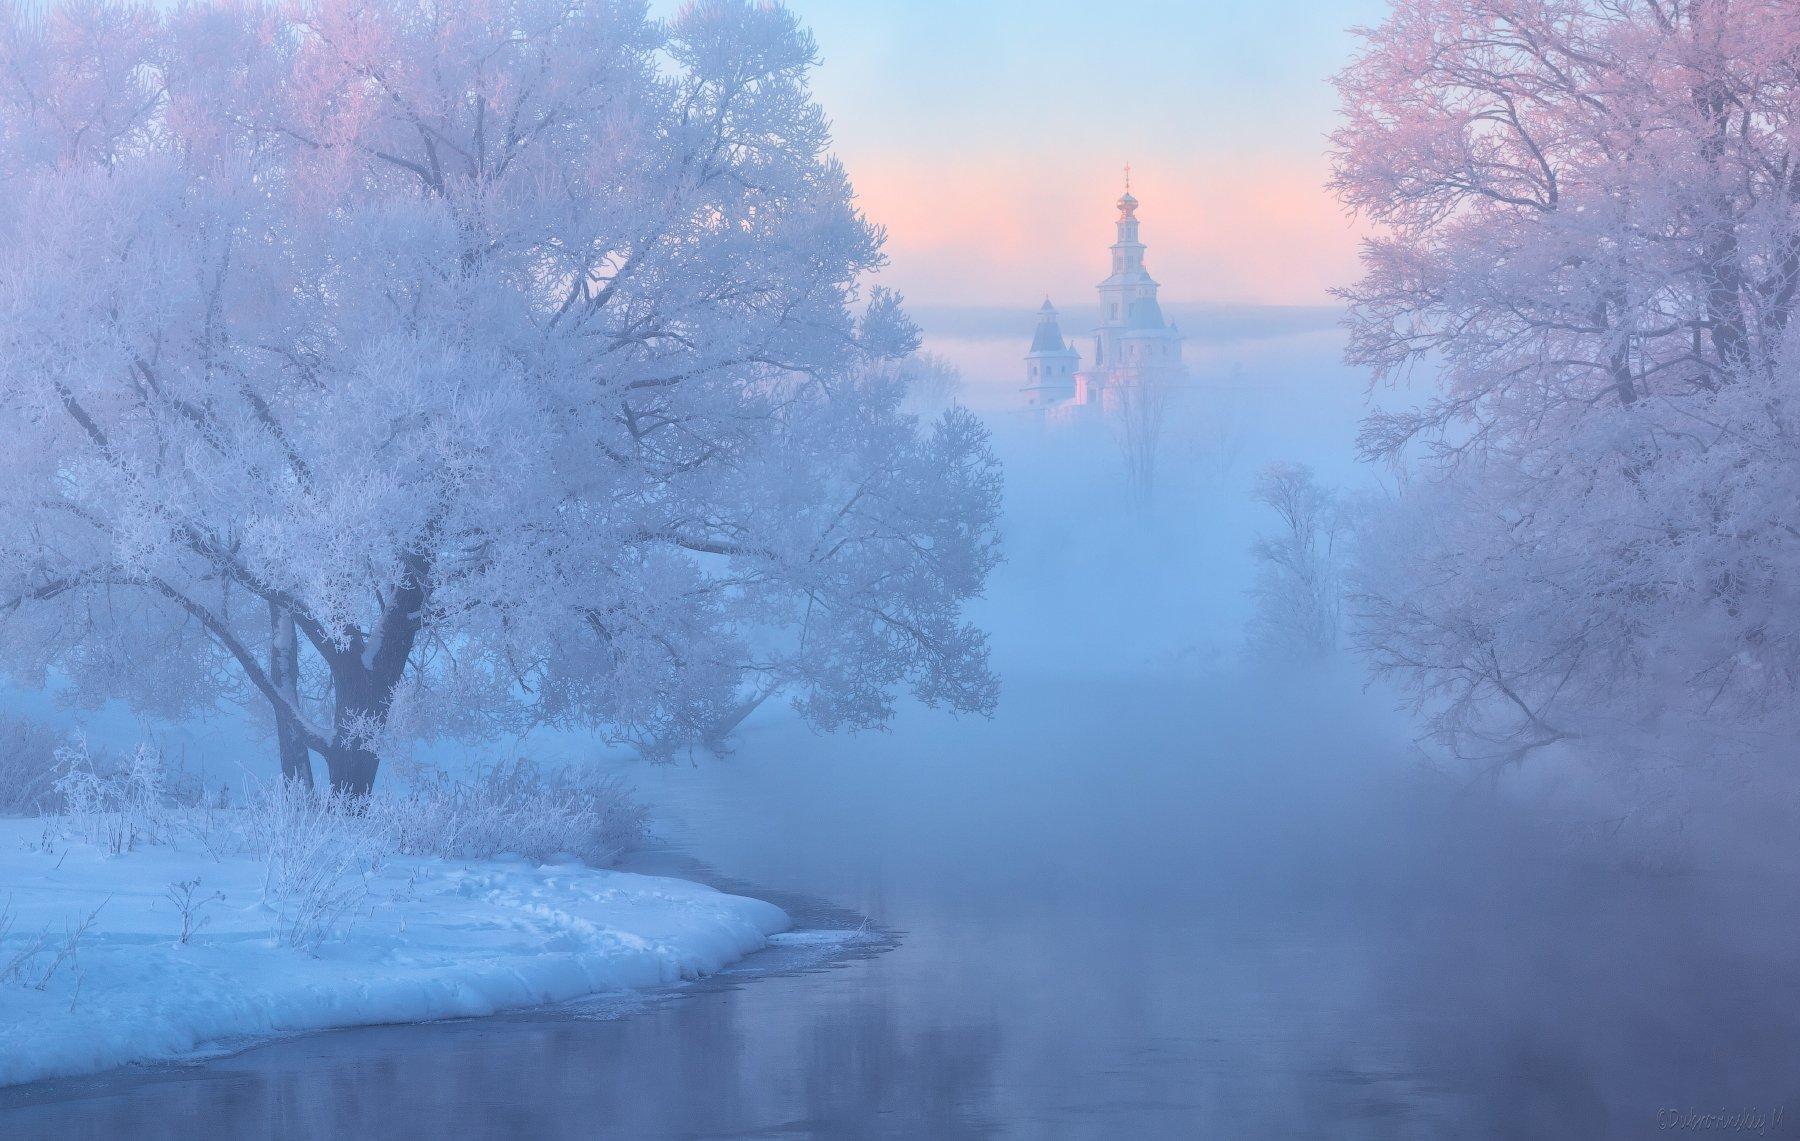 истра, новый иерусалим, рассвет, туман, иней, зима, река, монастырь, Михаил Дубровинский